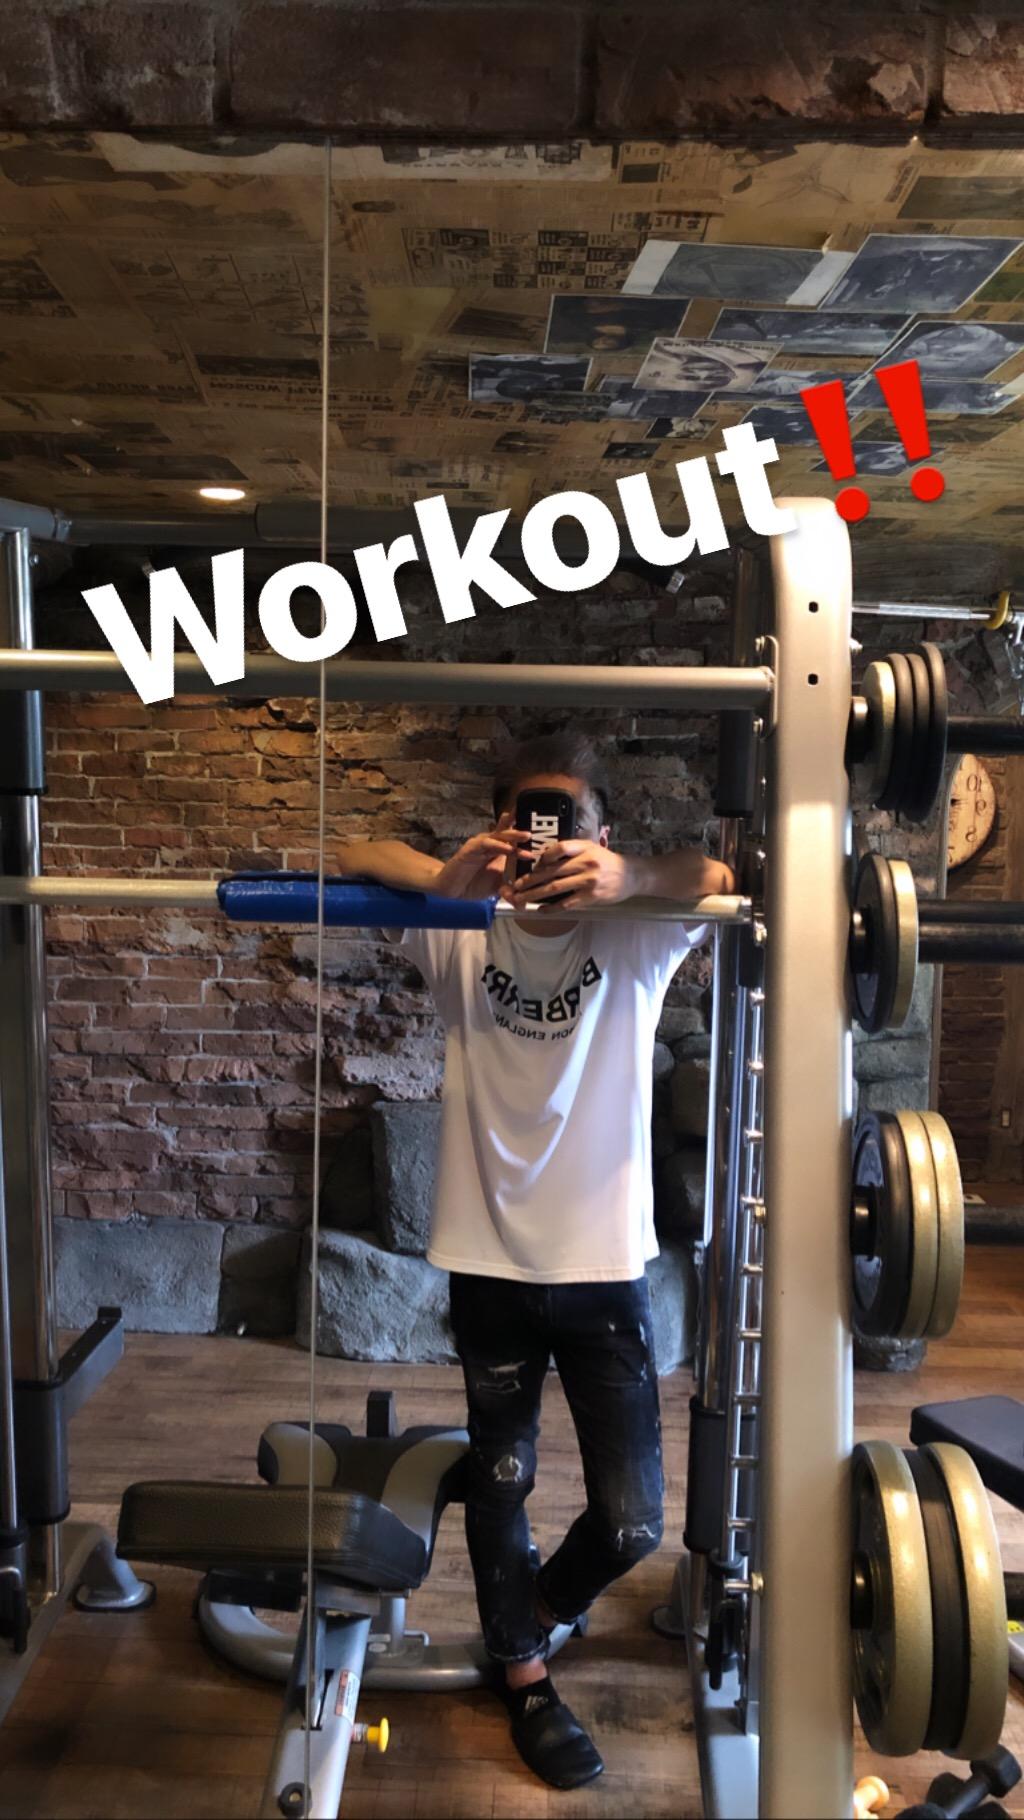 Workout‼️